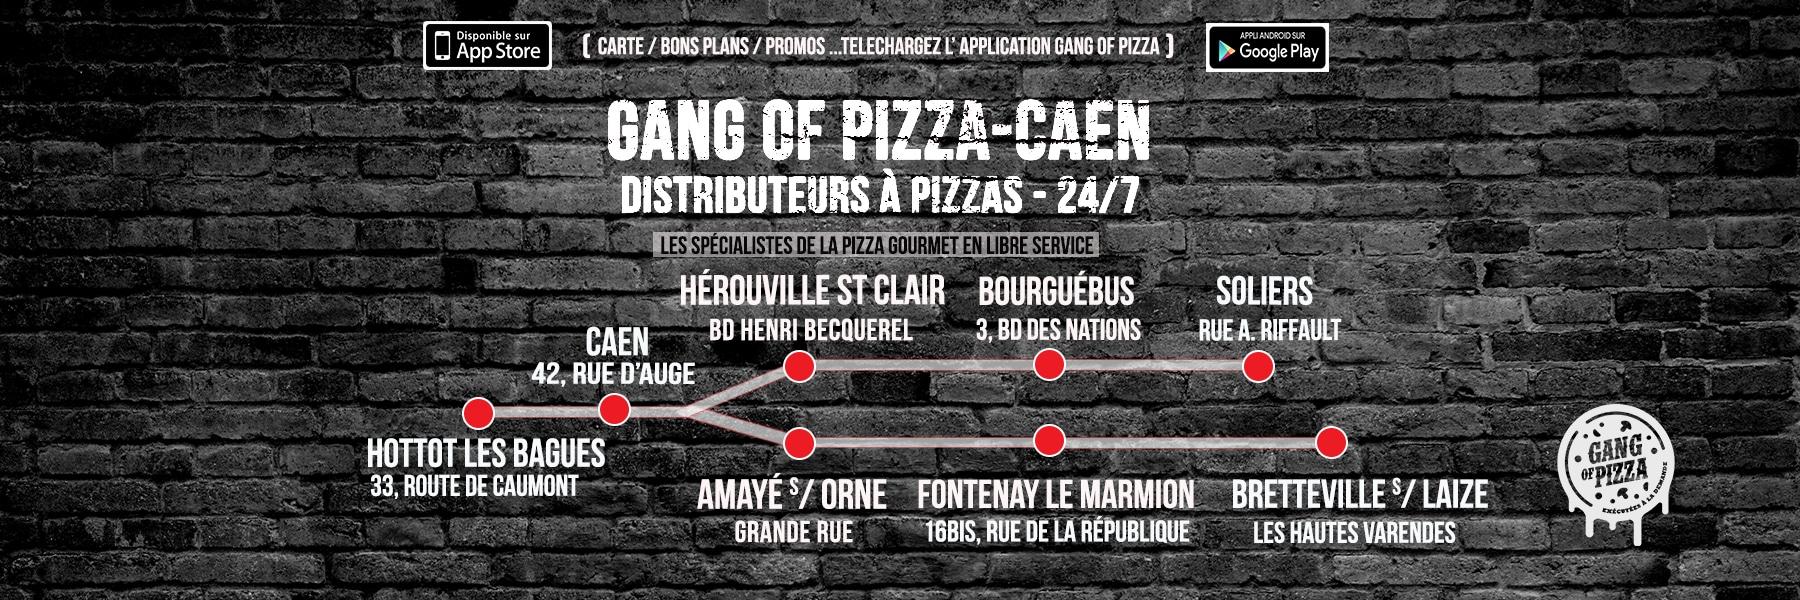 Gang Of Pizza Caen